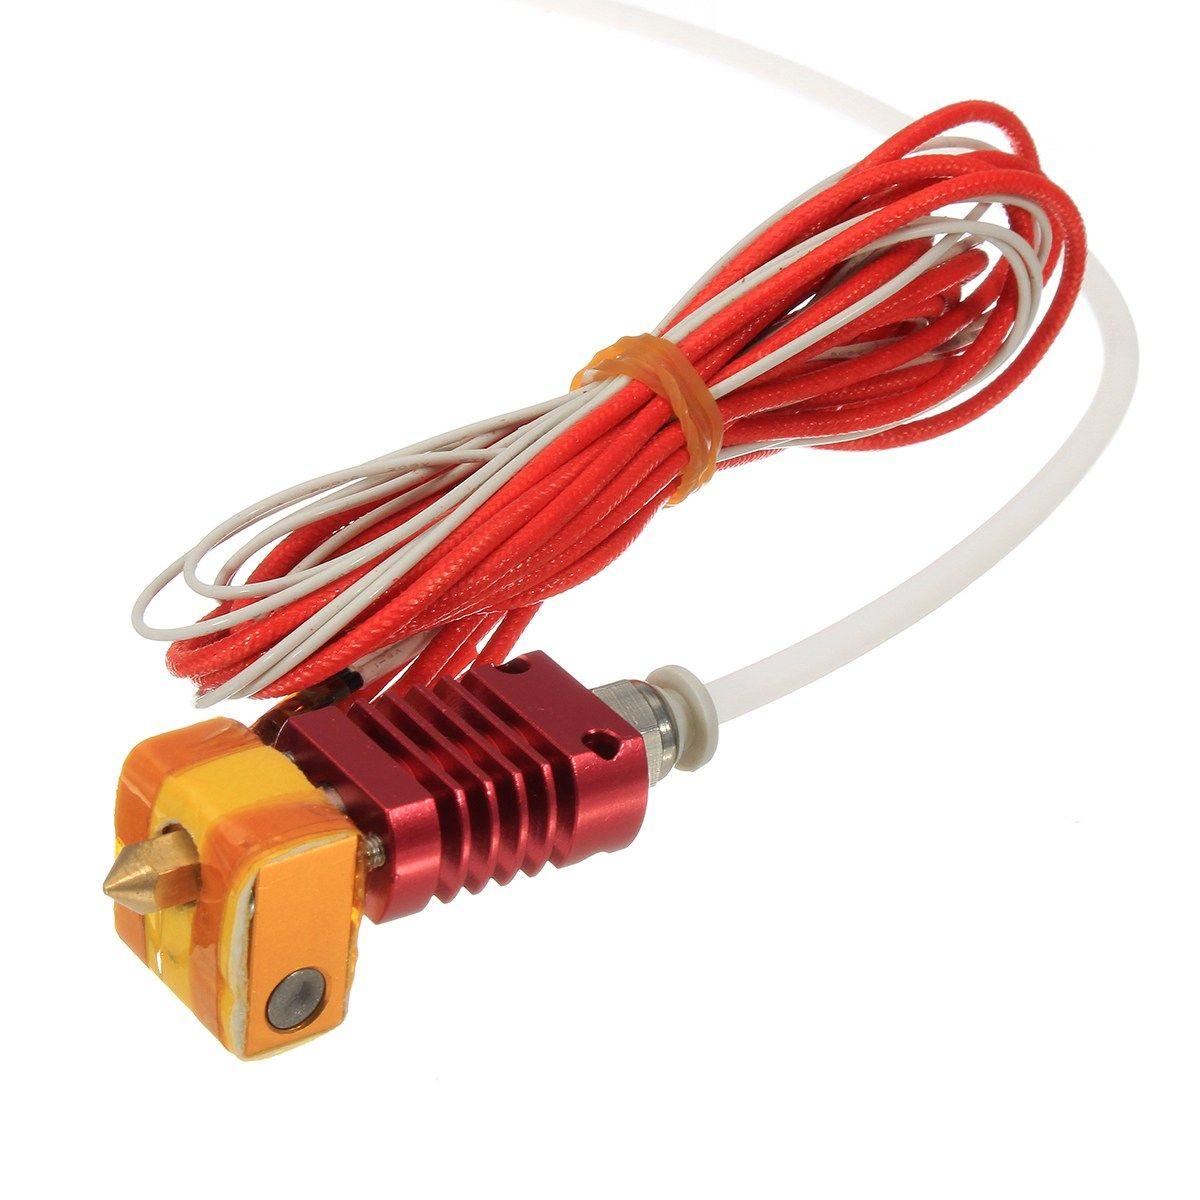 Best продвижение Mk10 12 В/24 В 40 Вт экструдер горячей конец комплект 1.75 мм 0.4 мм Насадка для 3D-принтеры